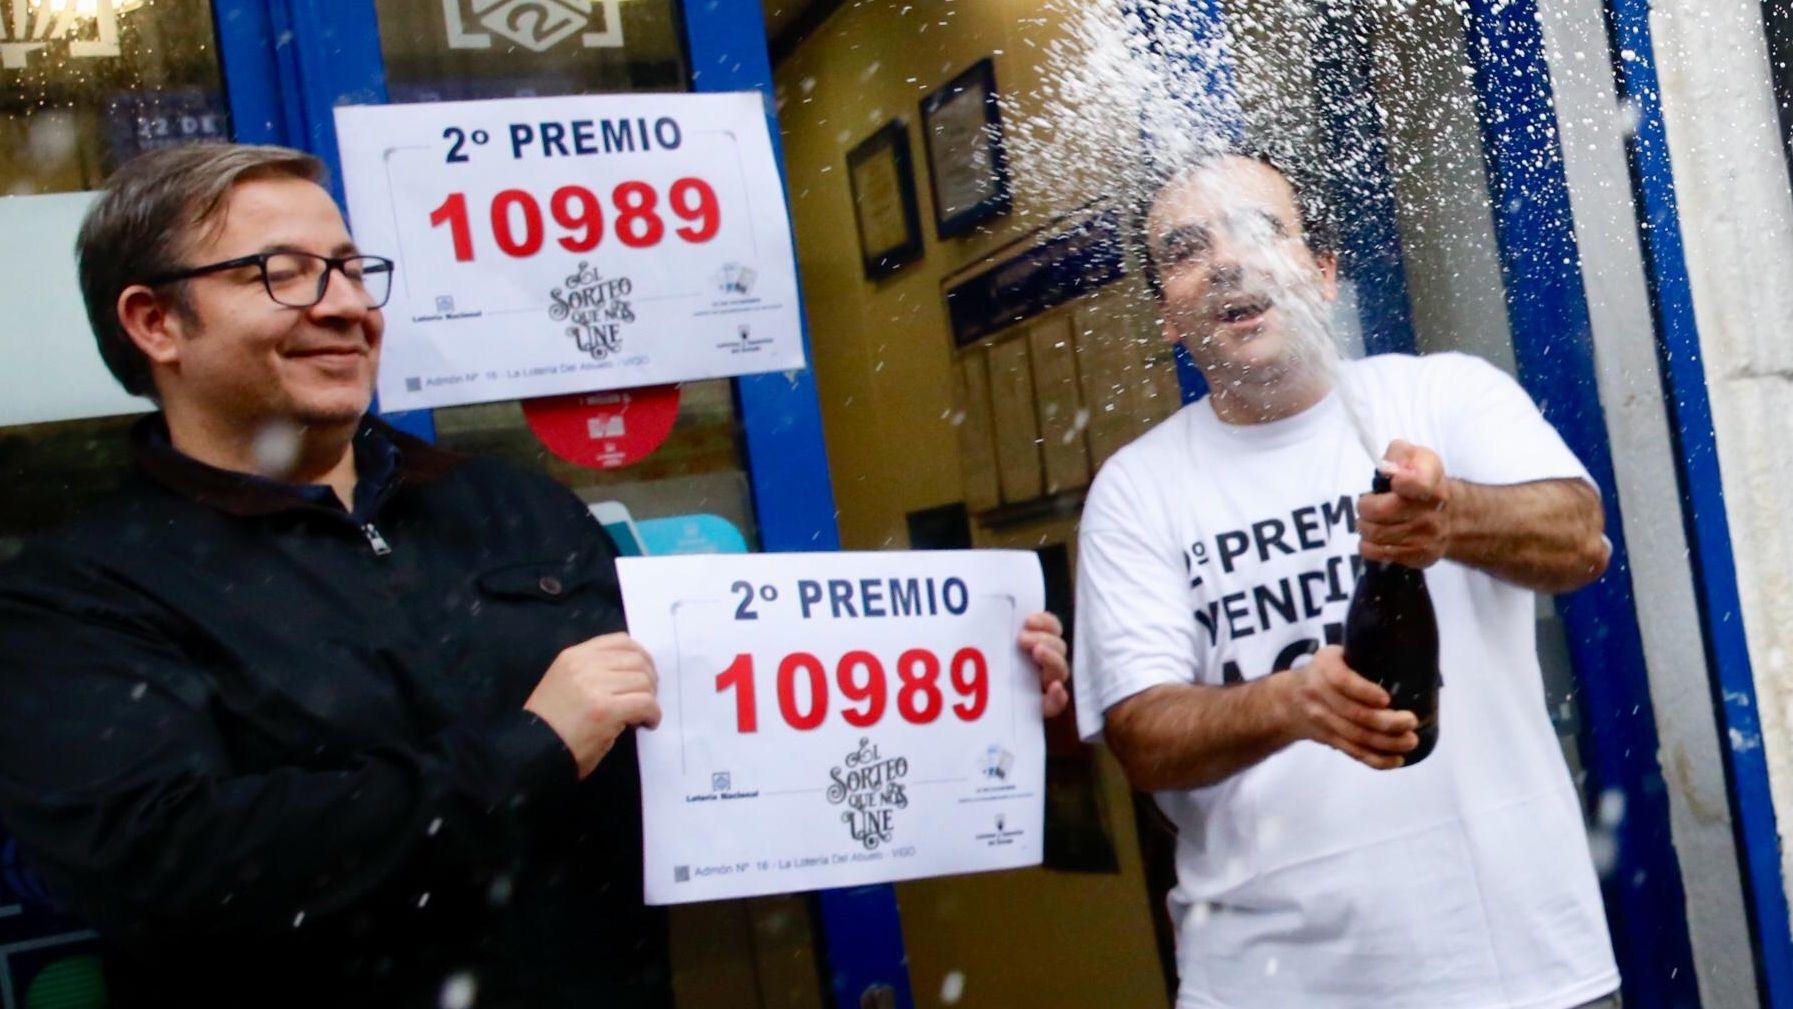 La lotería del Niño deja un pellizco en Nigrán.Eduardo Pahino, en el tramo de la calle Travesía de Vigo en la que se organizó la manifestación. La bala que mató al obrero de Fenosa, y dirigida a él, salió de una de las muchas ventanas que Pahino tiene a su espalda